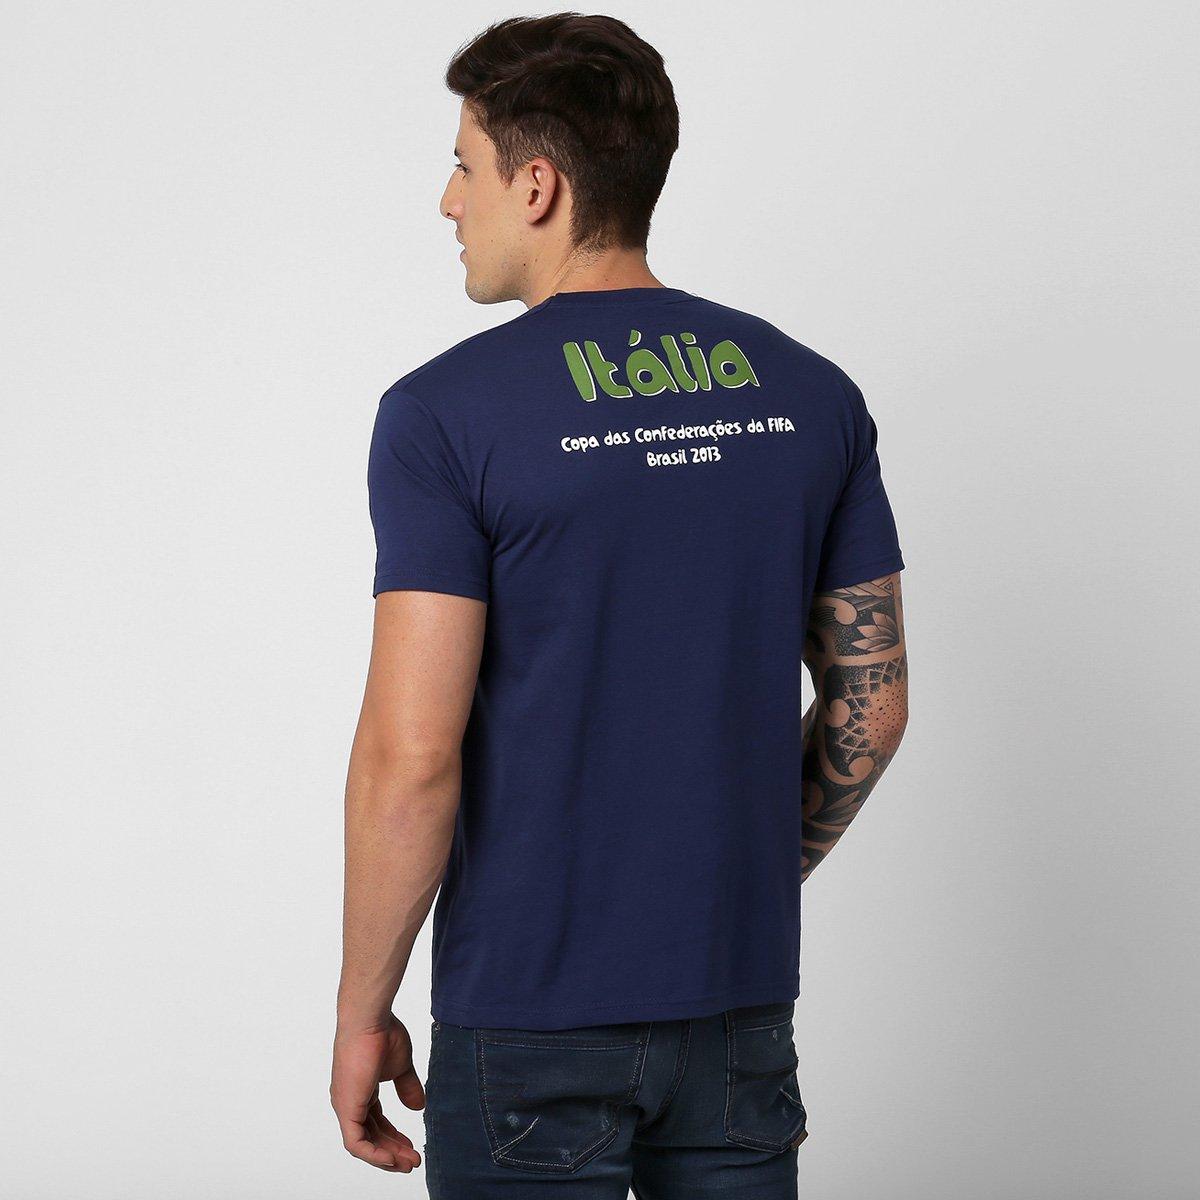 Camiseta FIFA Itália Confederatio  Camiseta FIFA Itália Confederatio ... 83d712f34c407